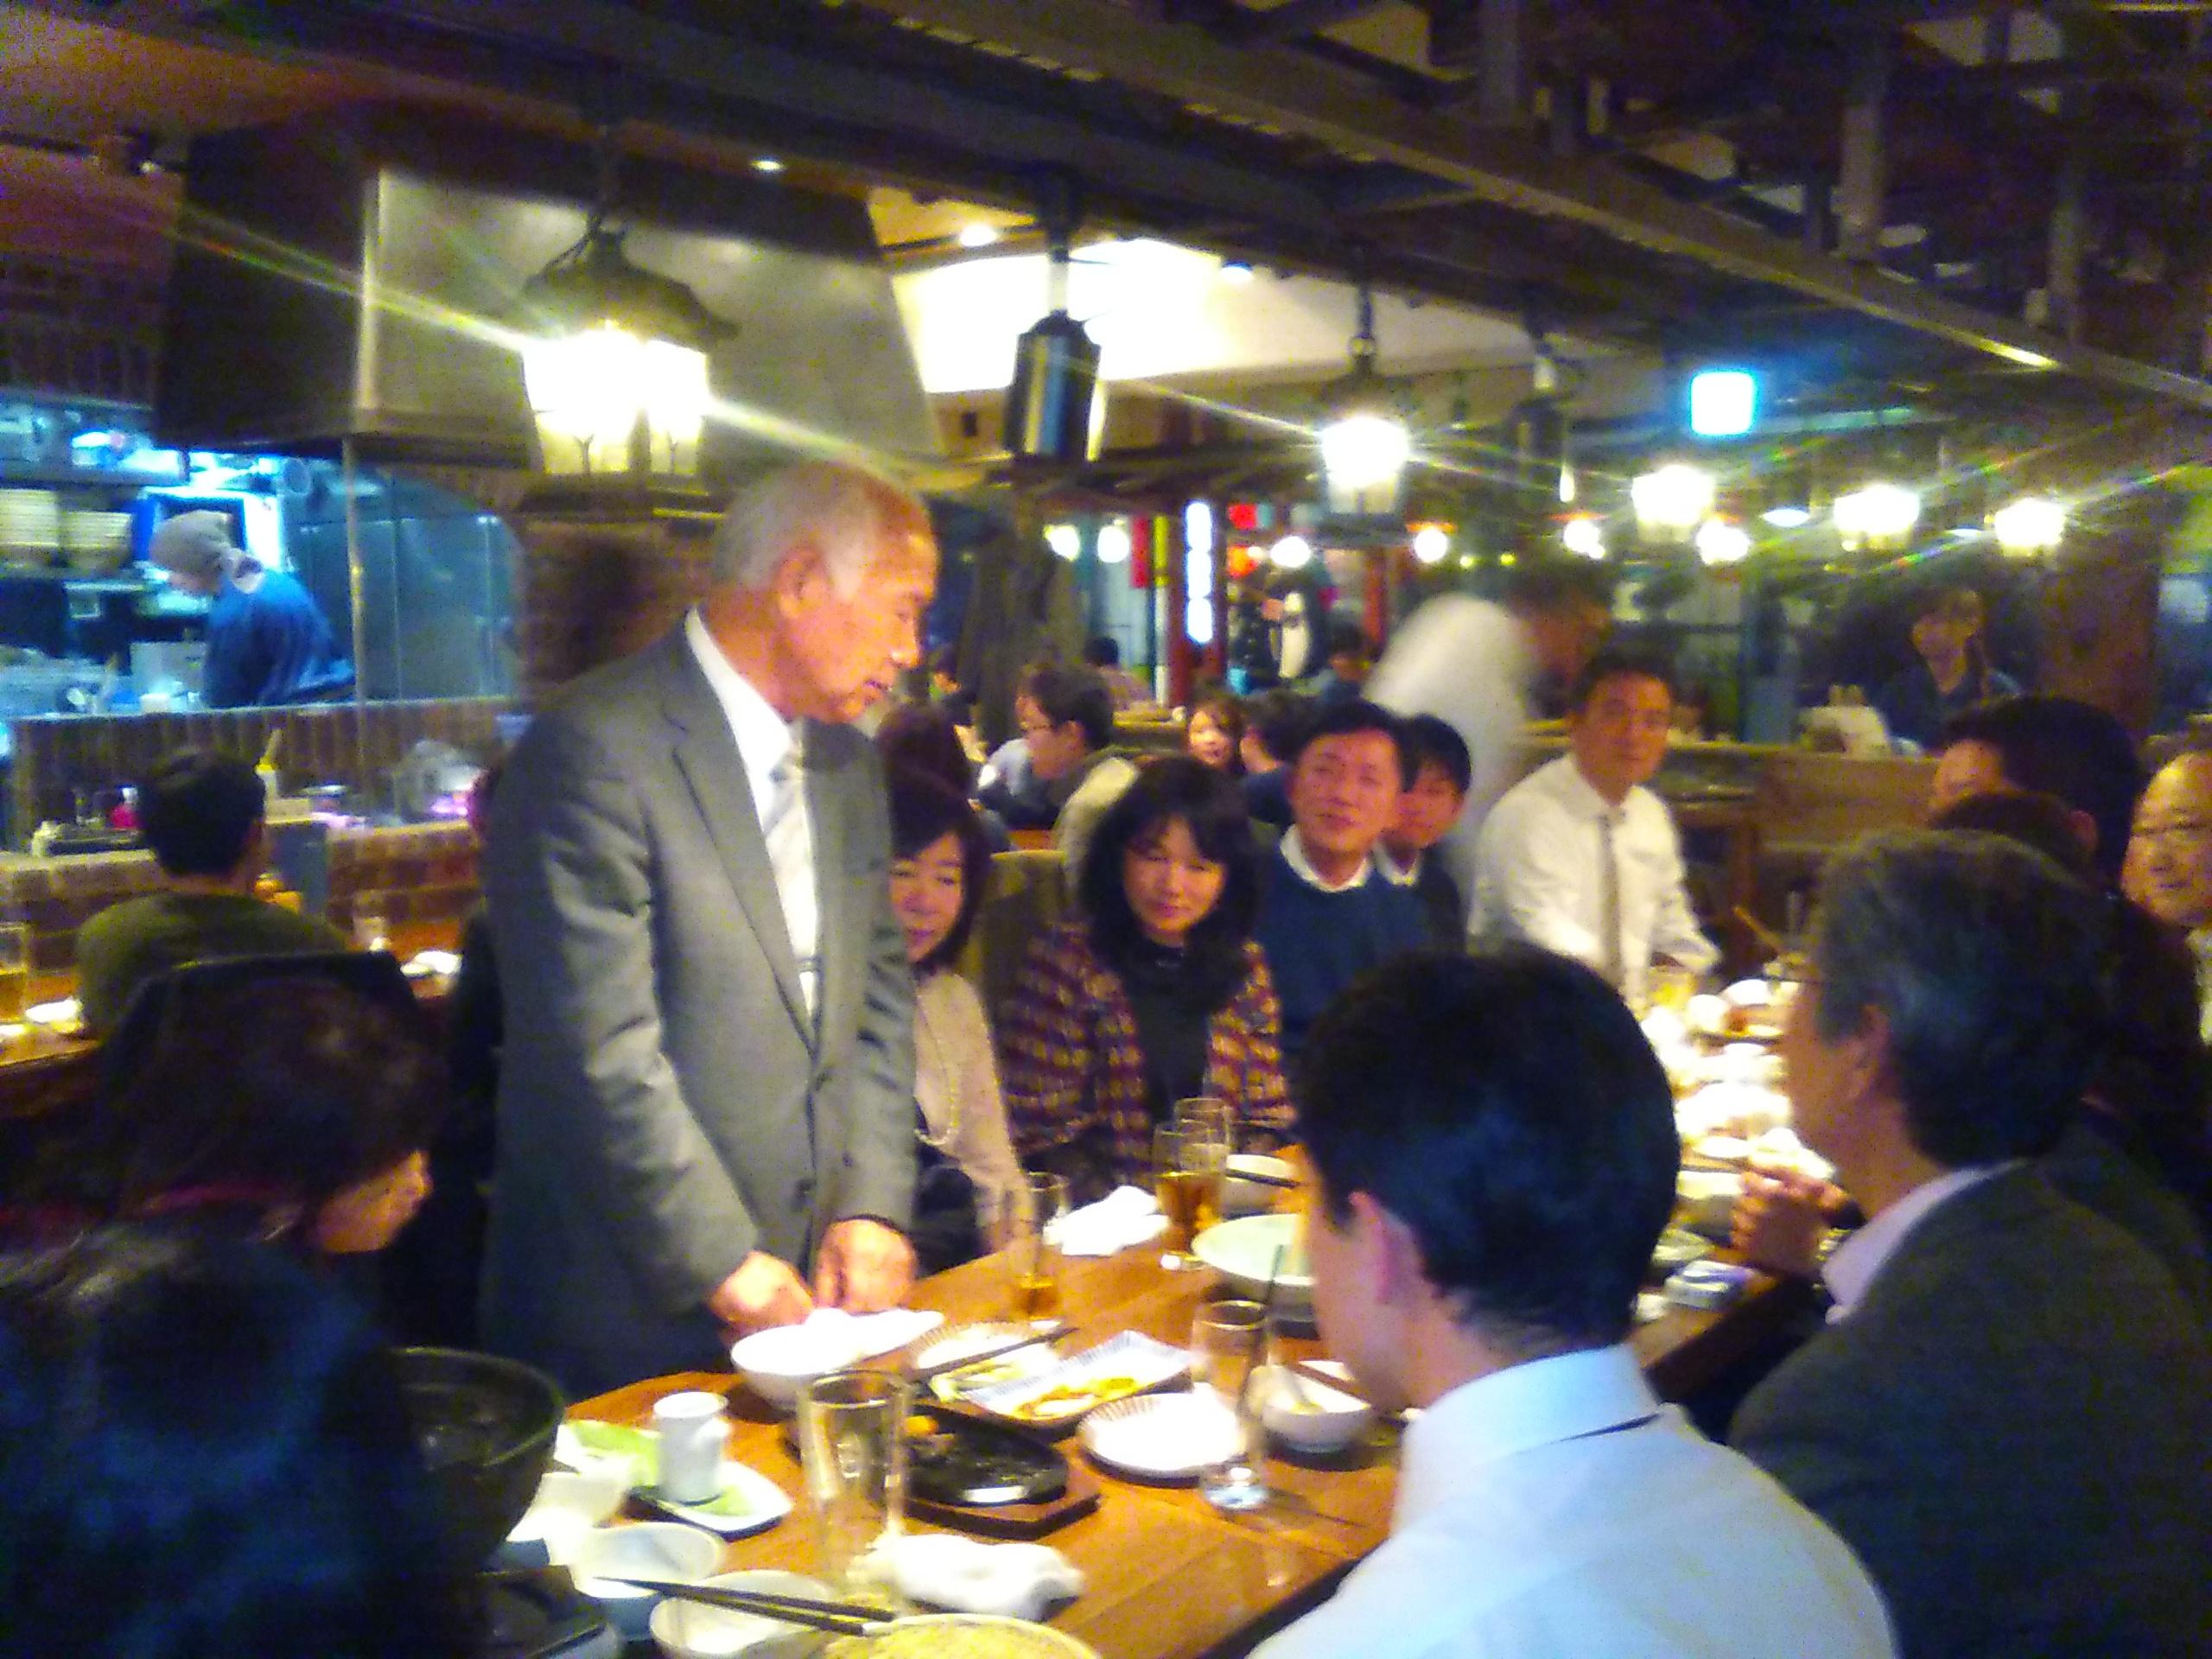 KIMG0245 - 4月1日東京思風塾の開催になります。